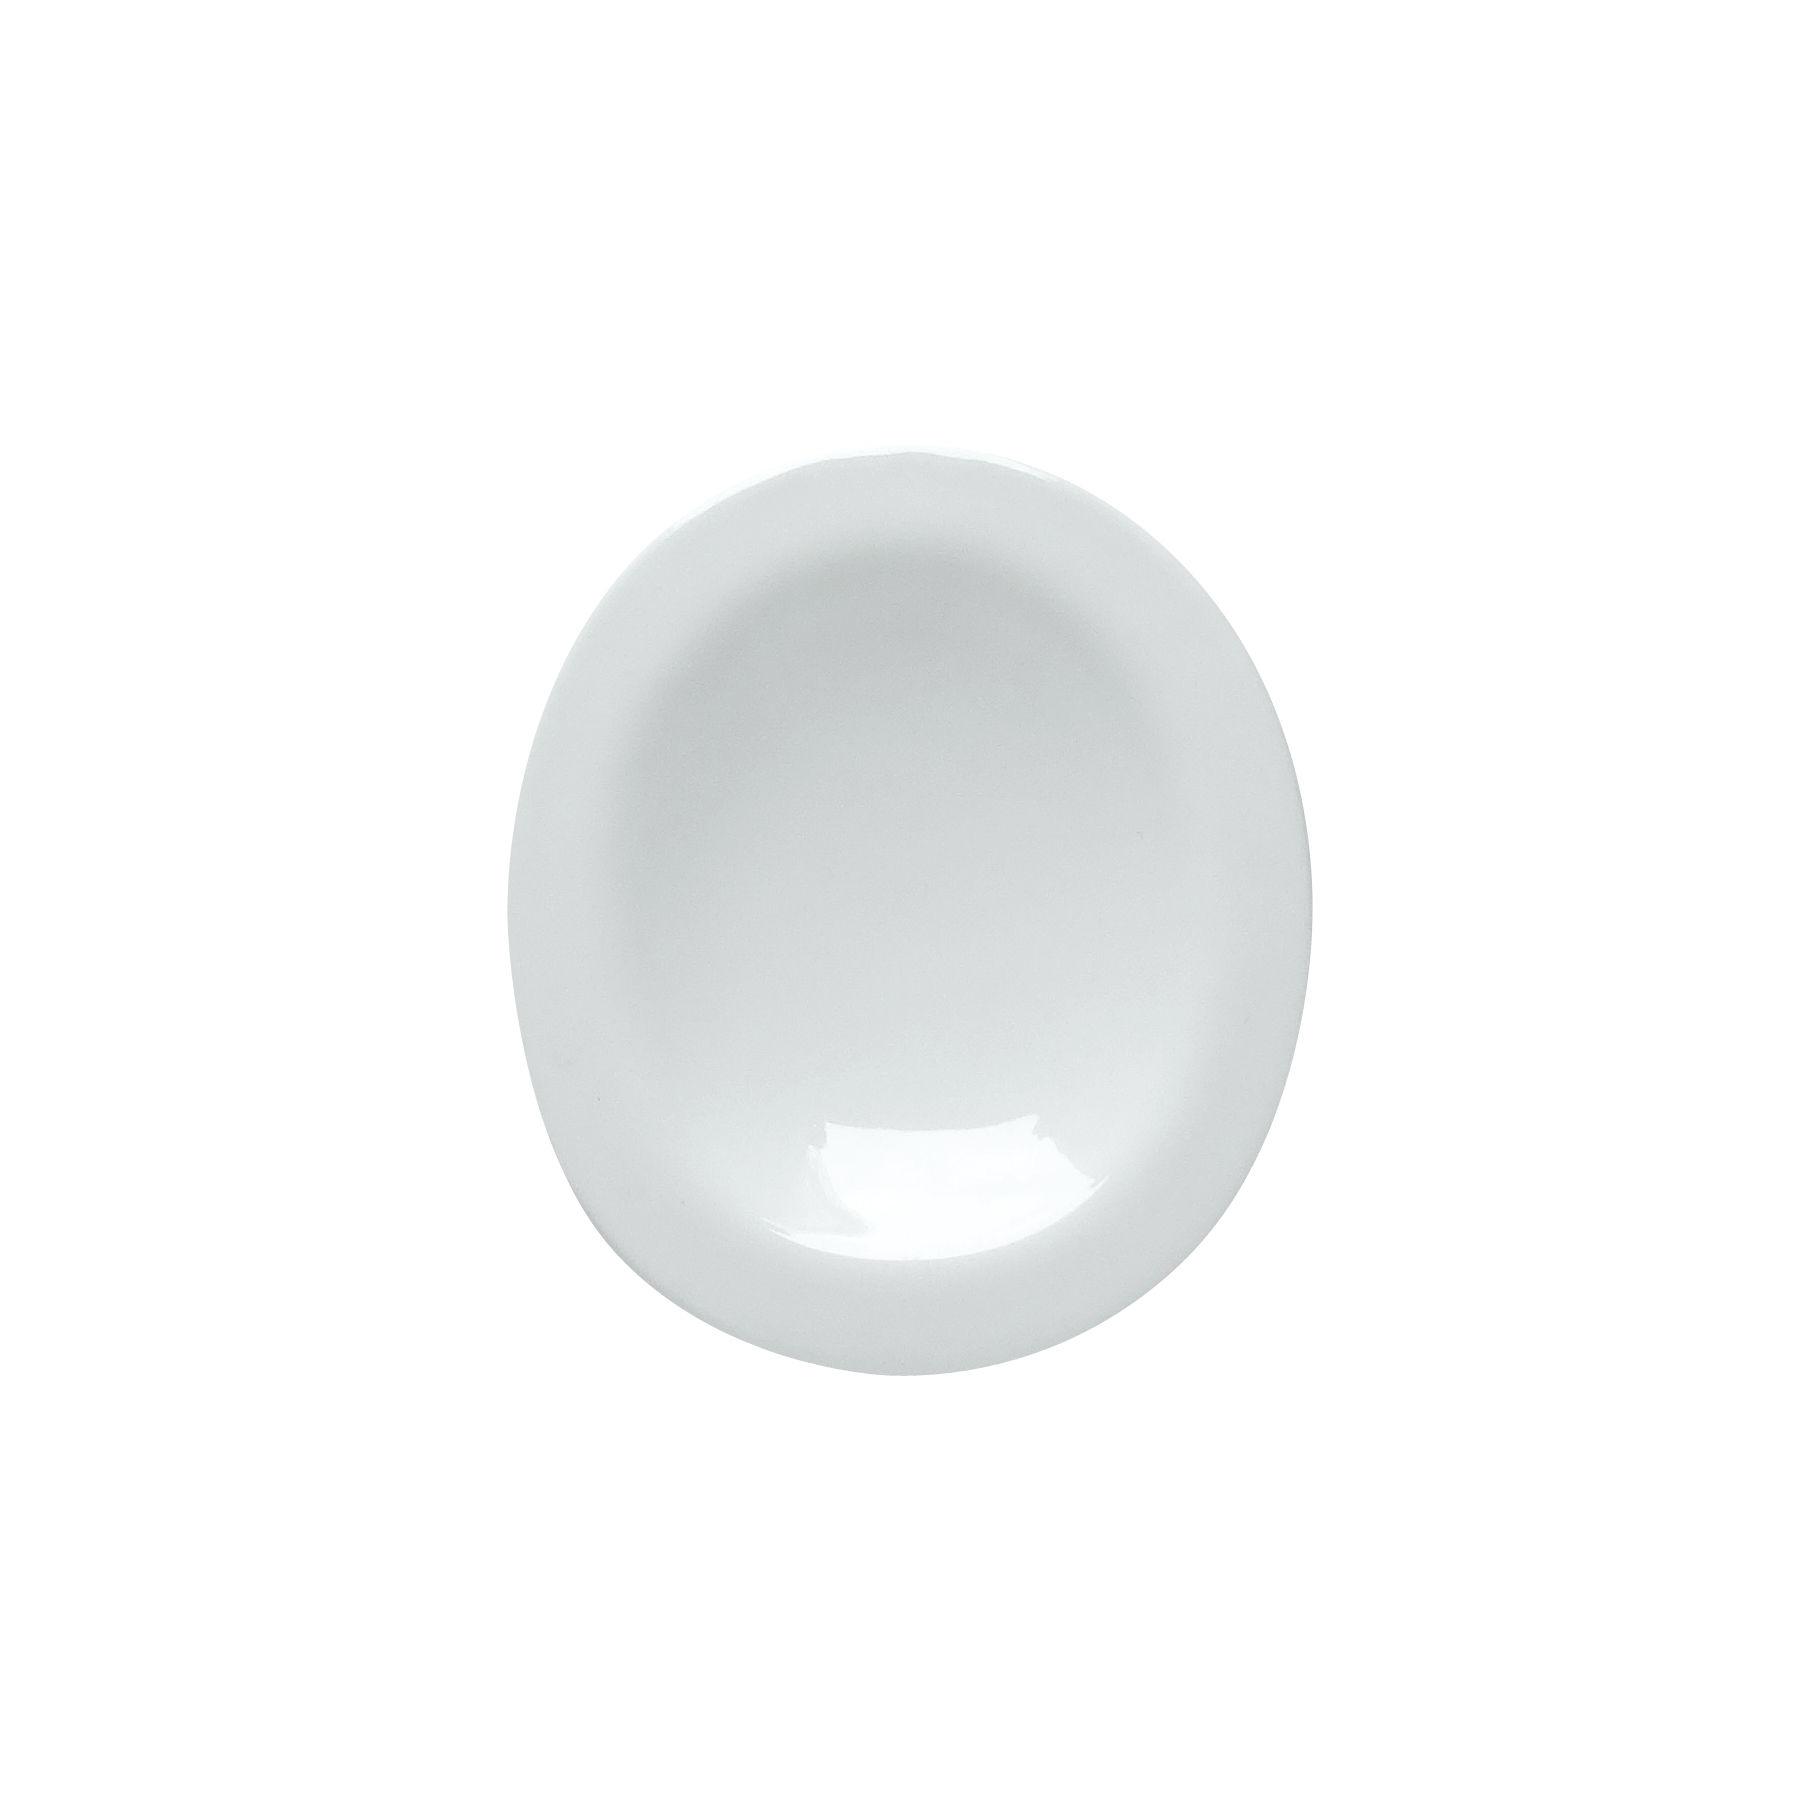 Arts de la table - Saladiers, coupes et bols - Coupelle Jo 1 / 7 x 8 cm - cookplay - Blanc brillant - Porcelaine émaillée